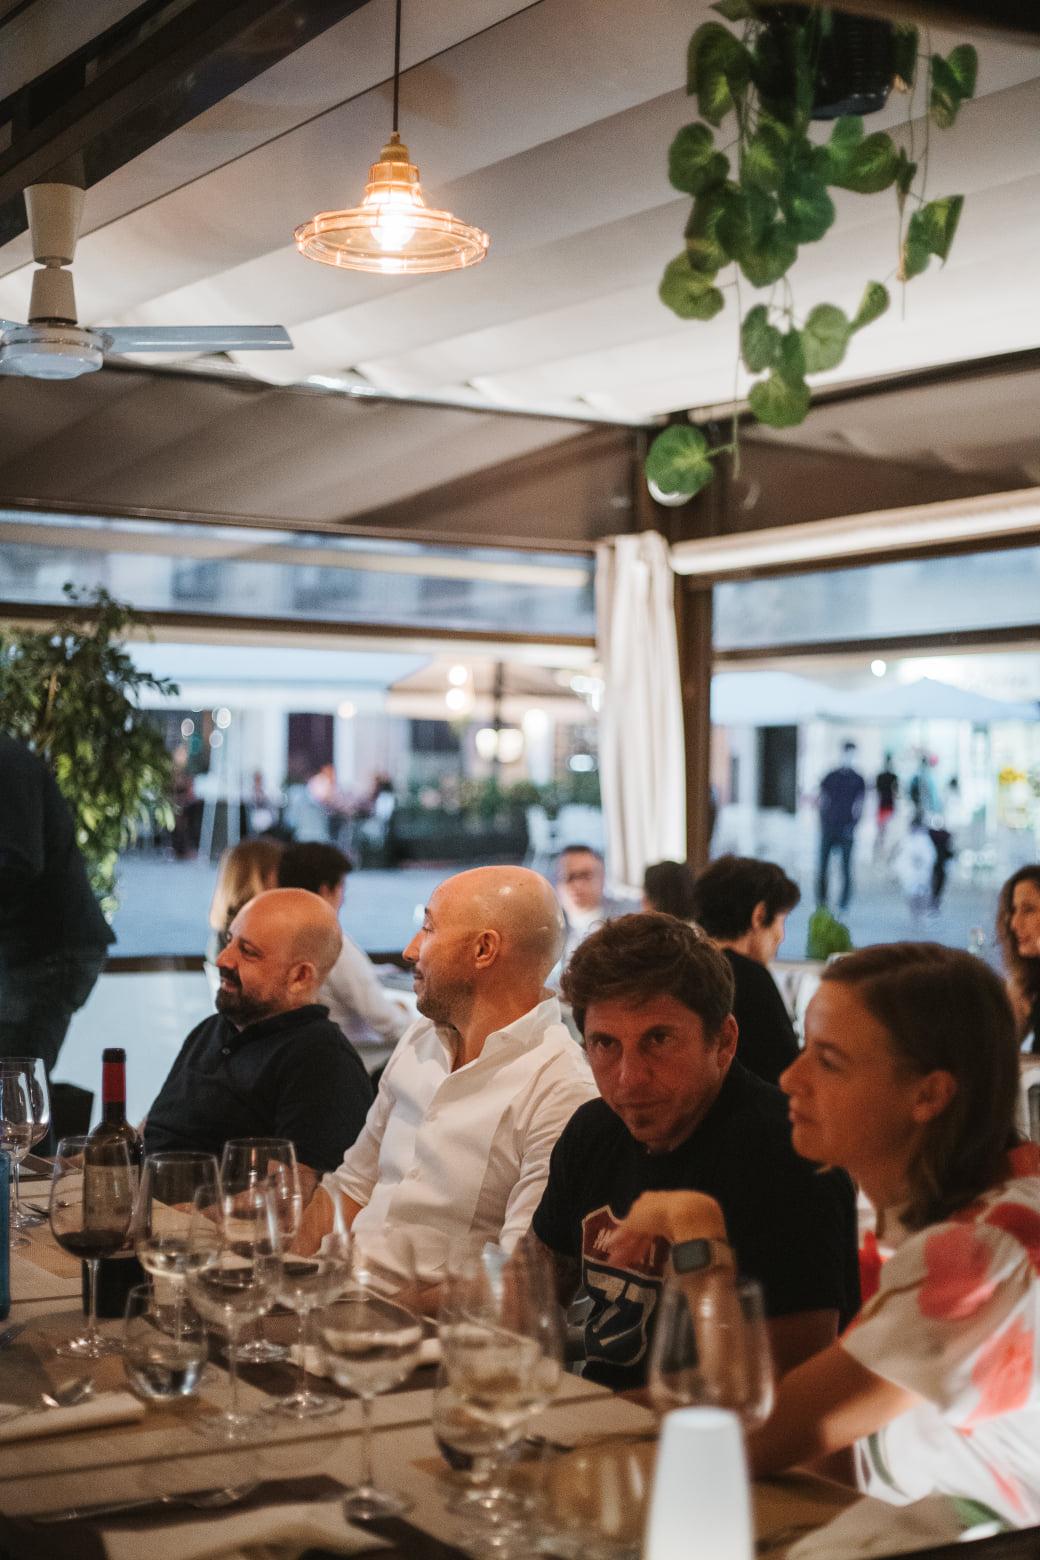 La noche de cocina Nikkei en el restaurante La Violeta, un evento culinario de primer nivel 46